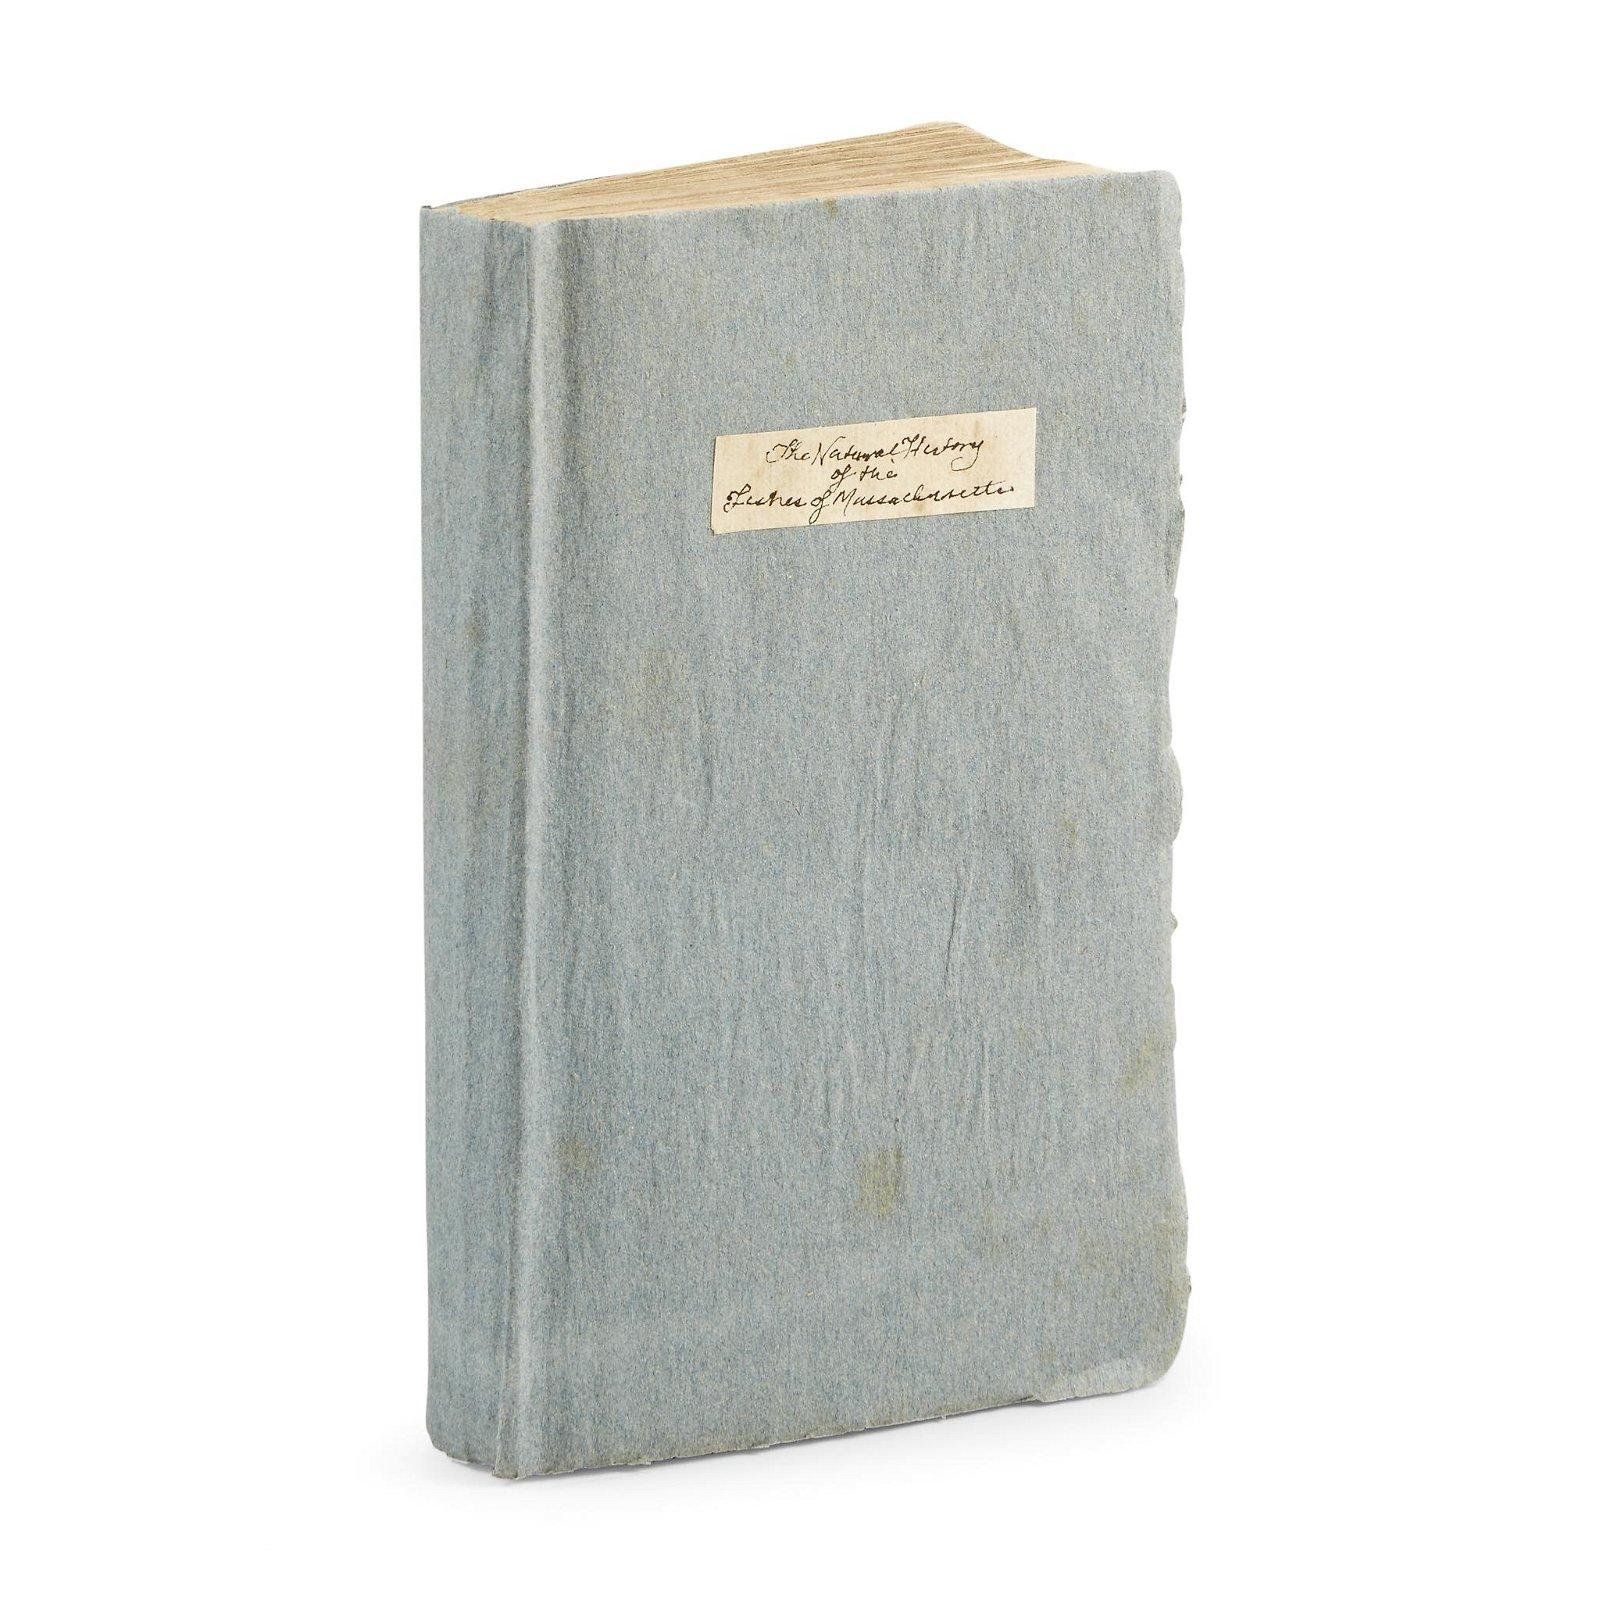 [Americana] Smith, Jerome V.C., Natural History of the